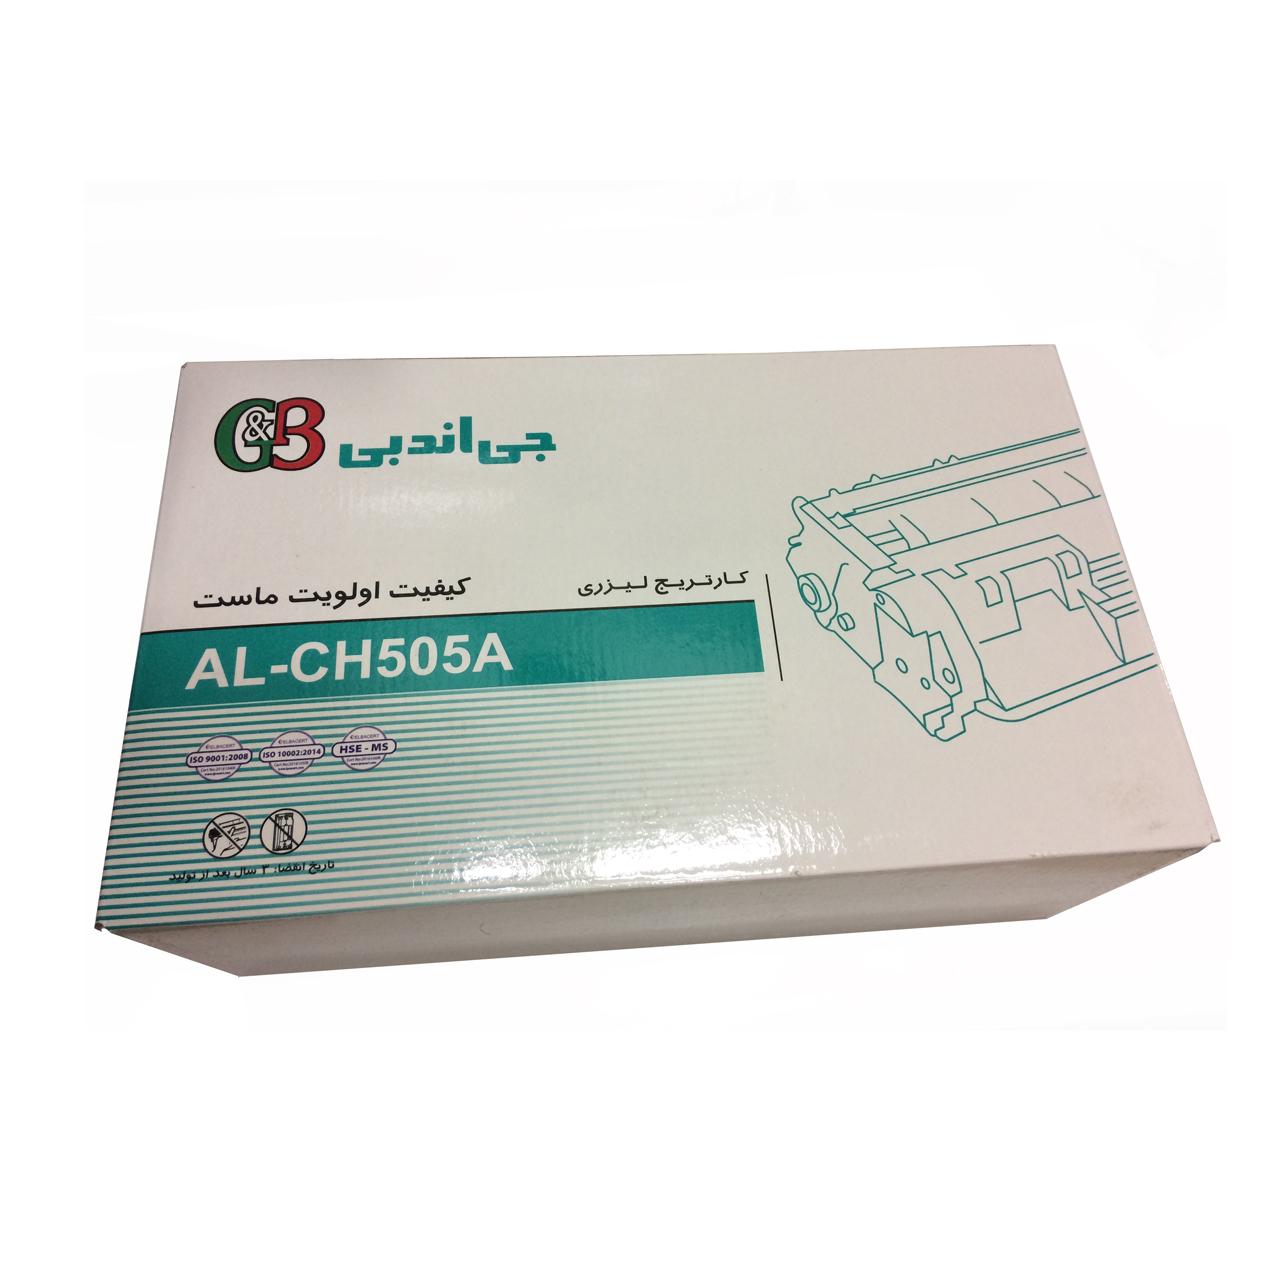 تونر مشکی جی اند بی مدل AL-CH5-05A